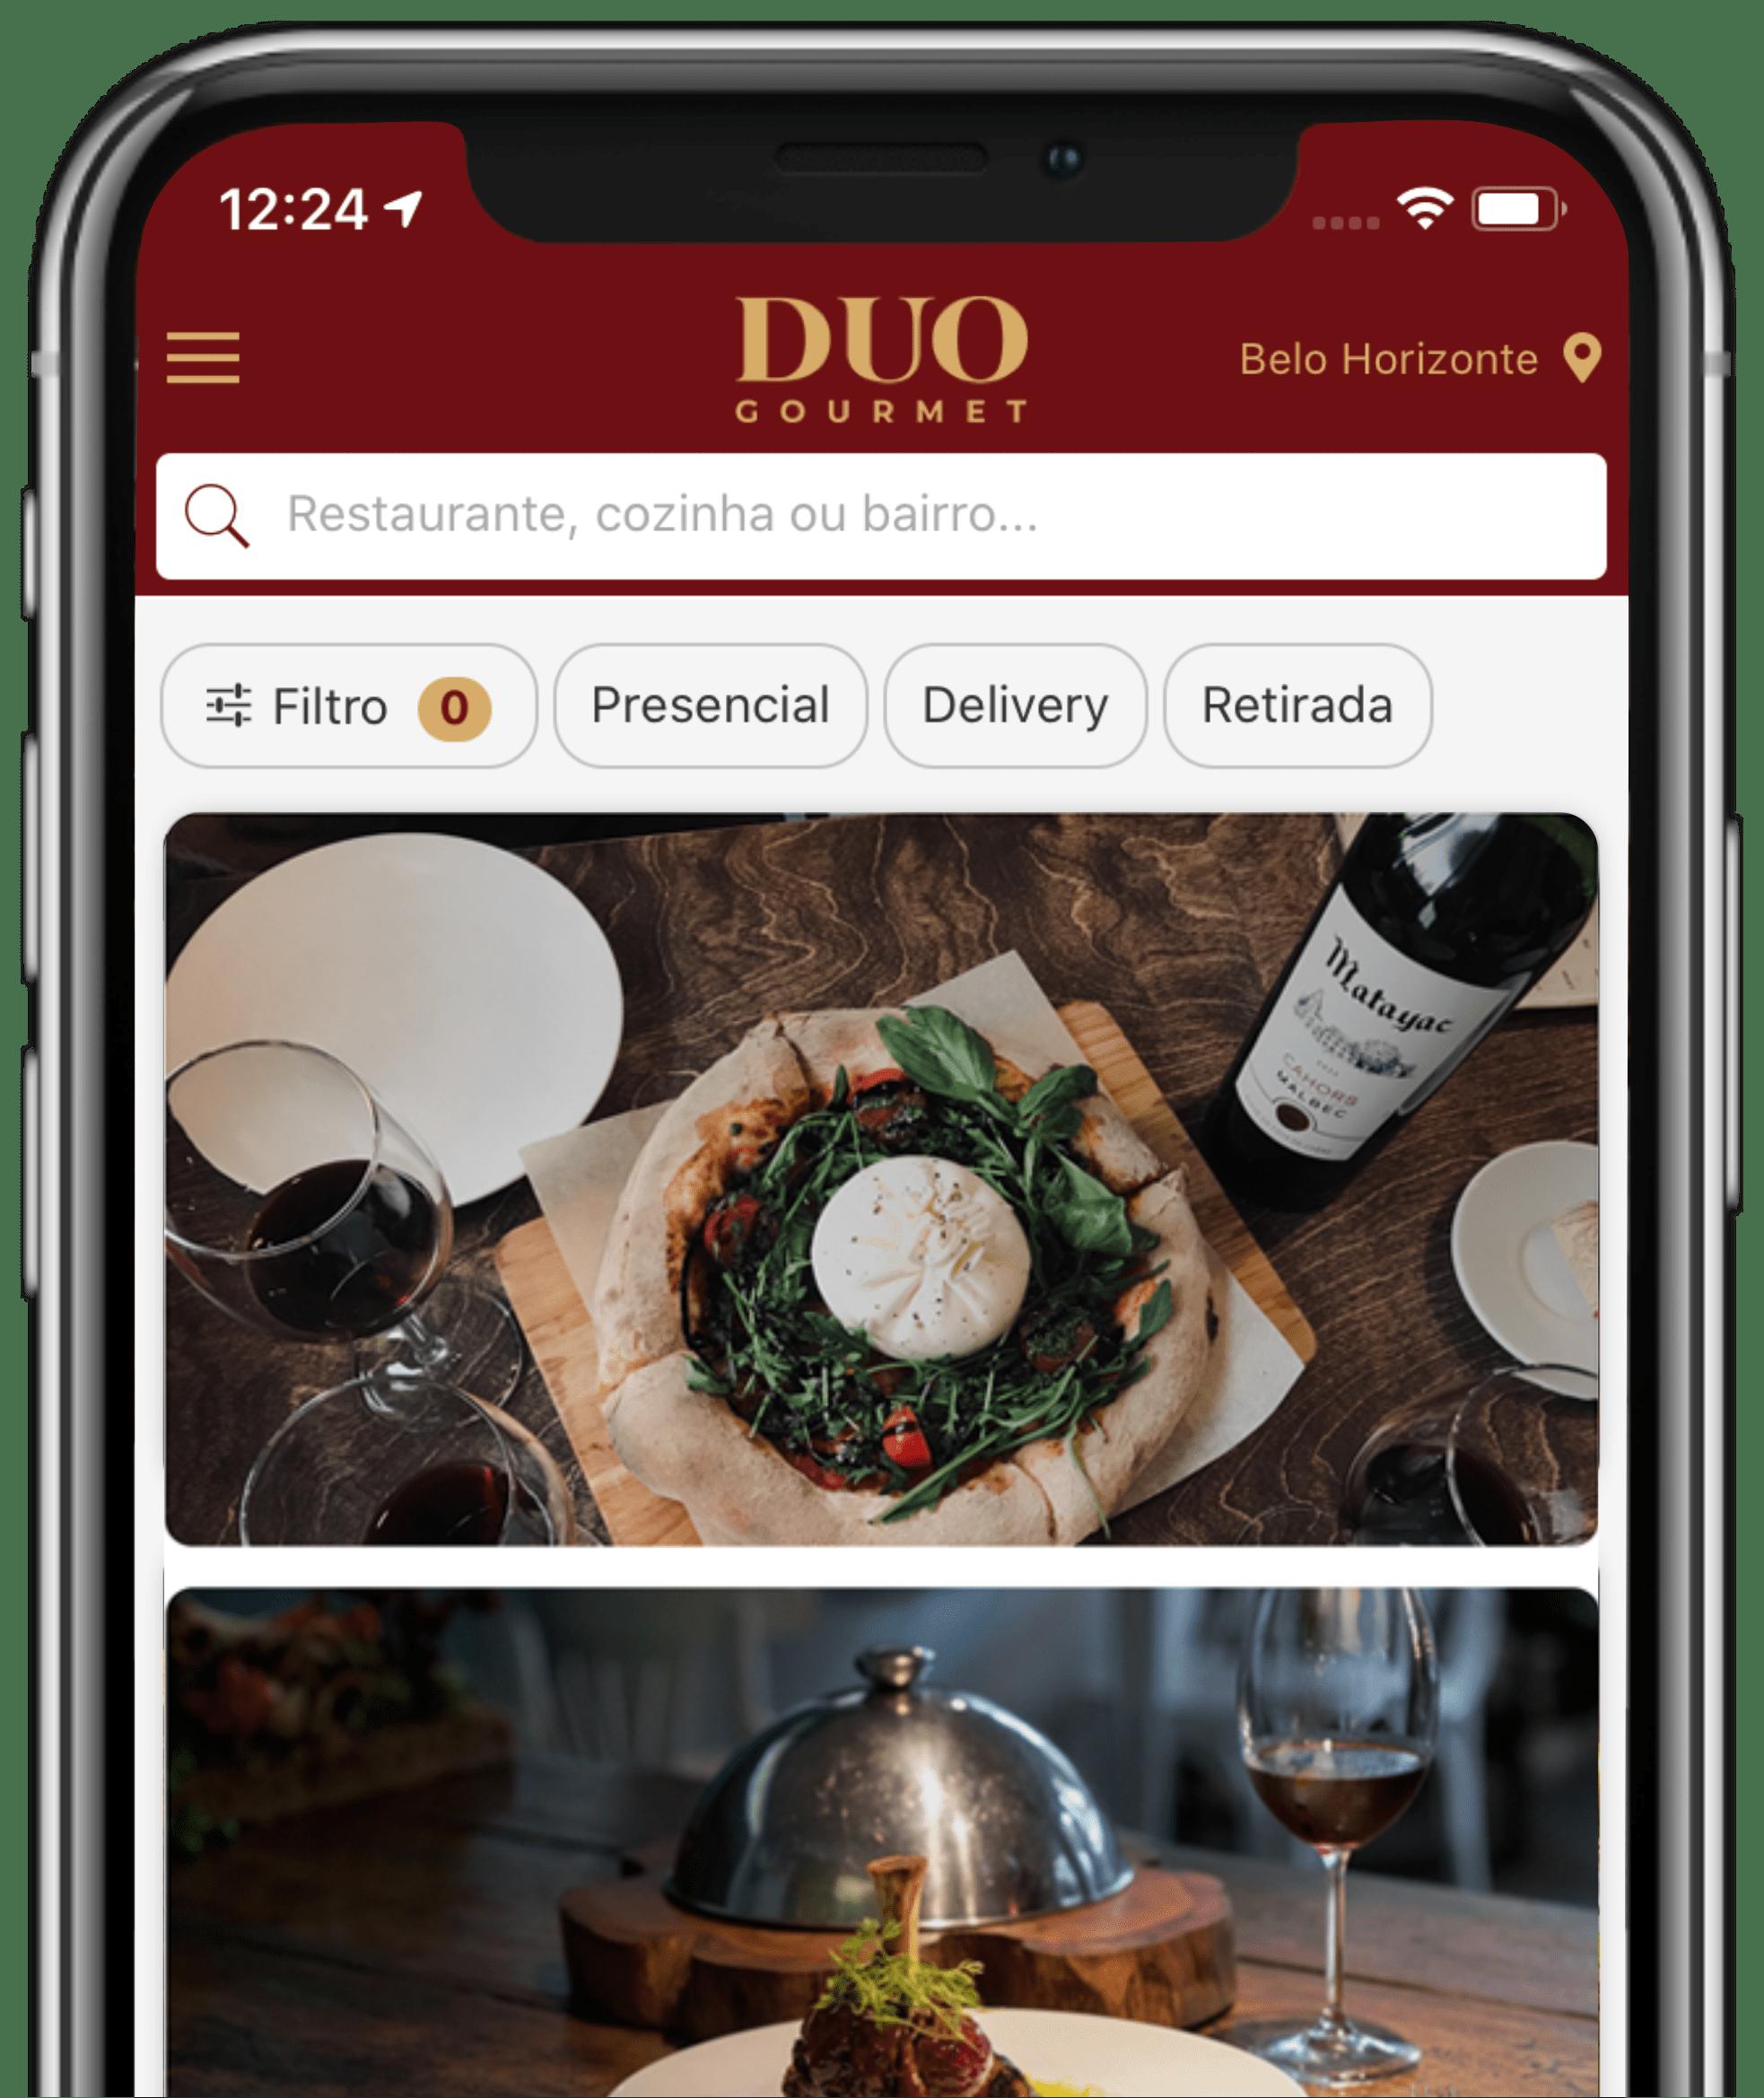 Baixe o app e escolha um restaurante. Para facilitar, use o filtro.